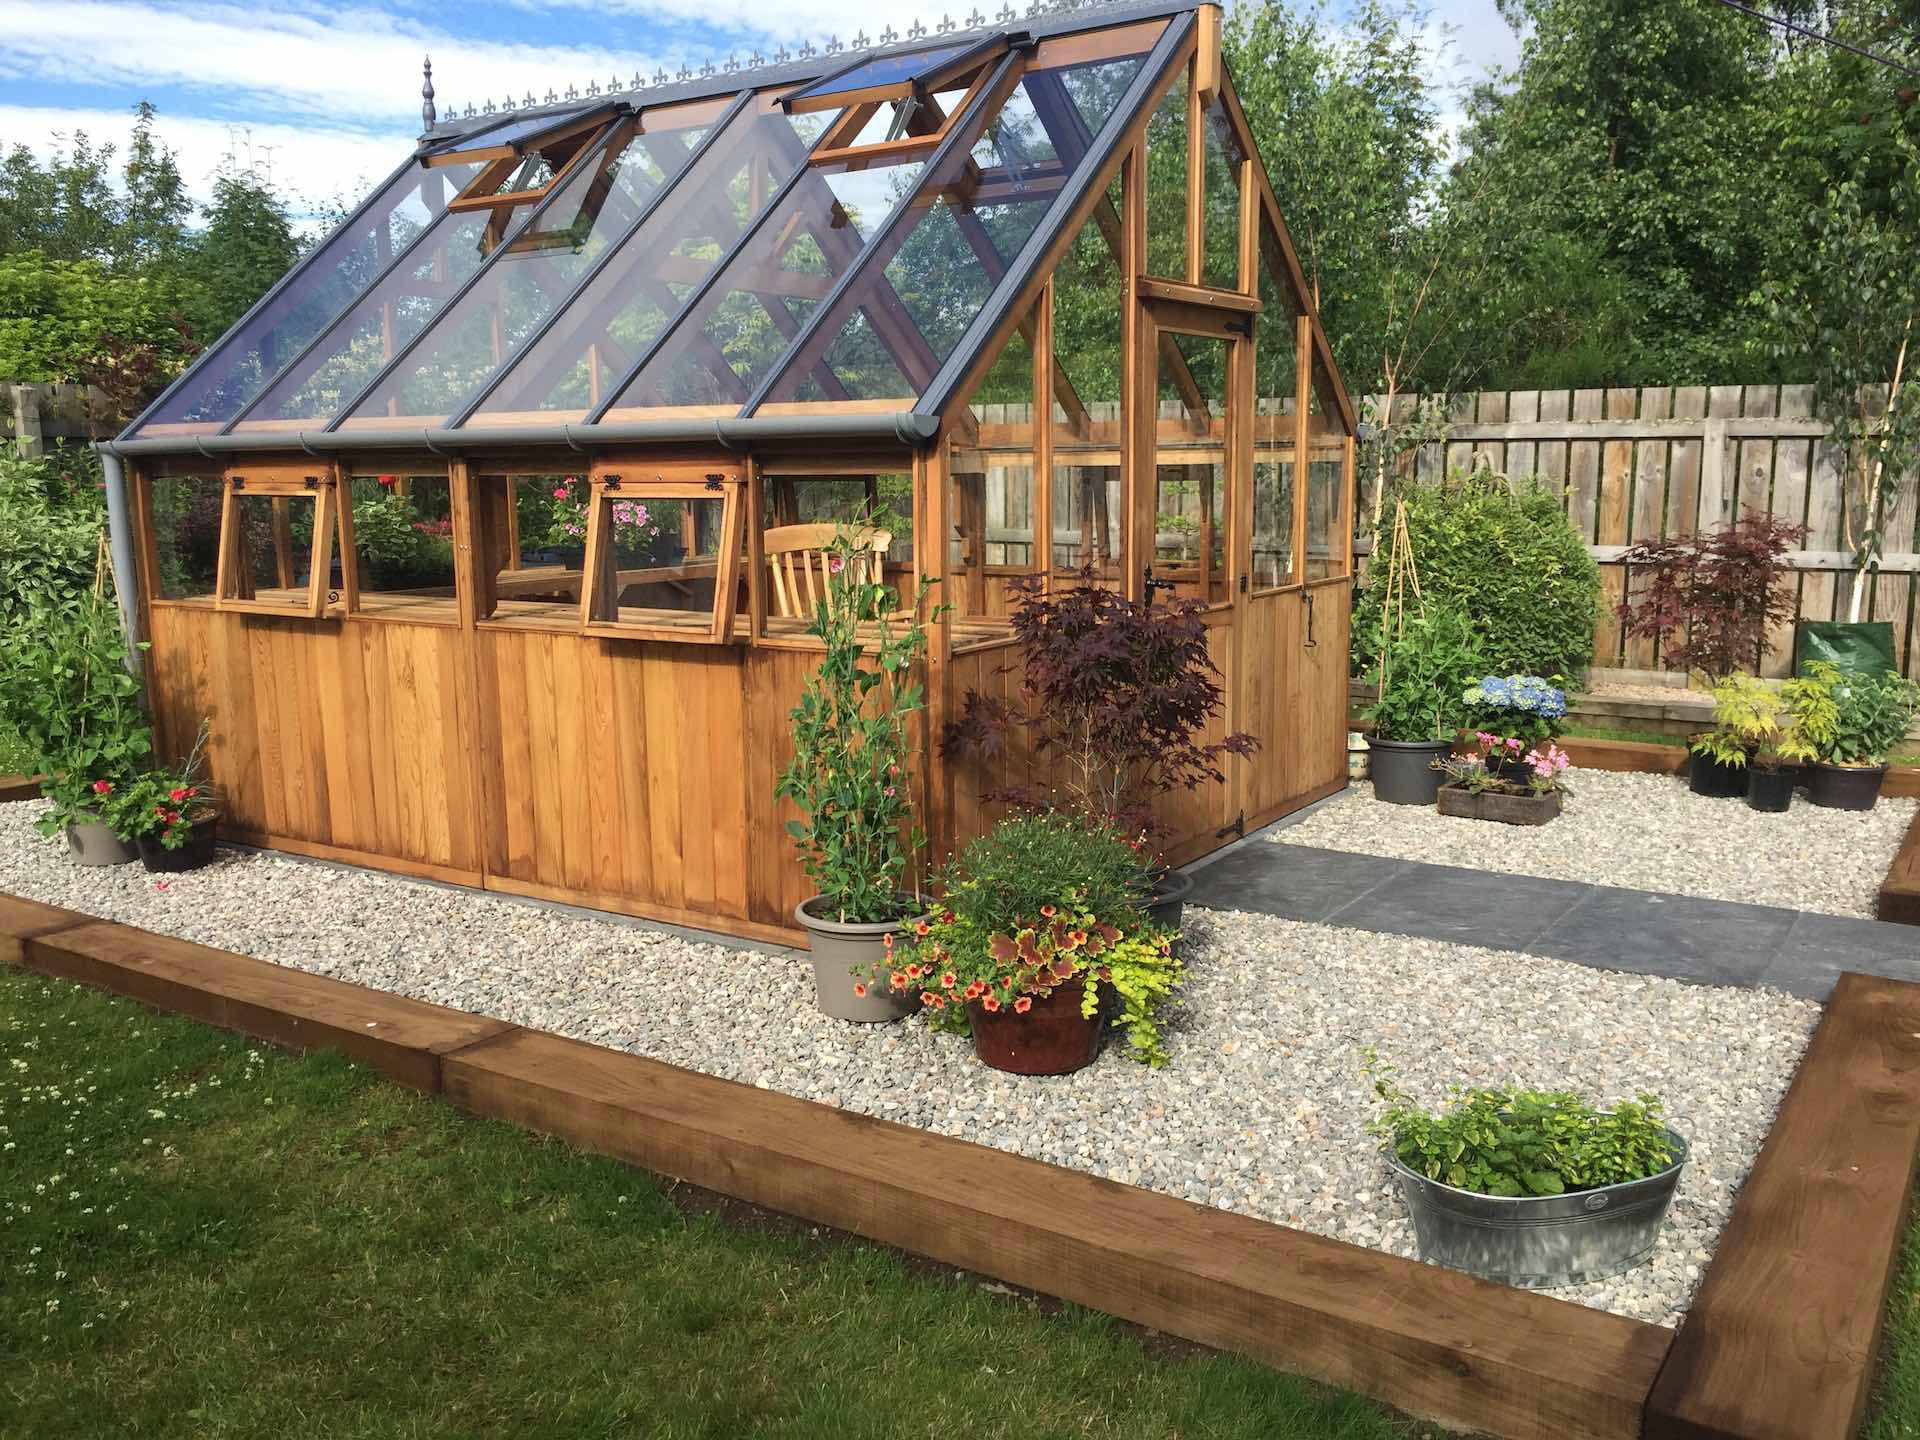 Garden shed construction Highlands